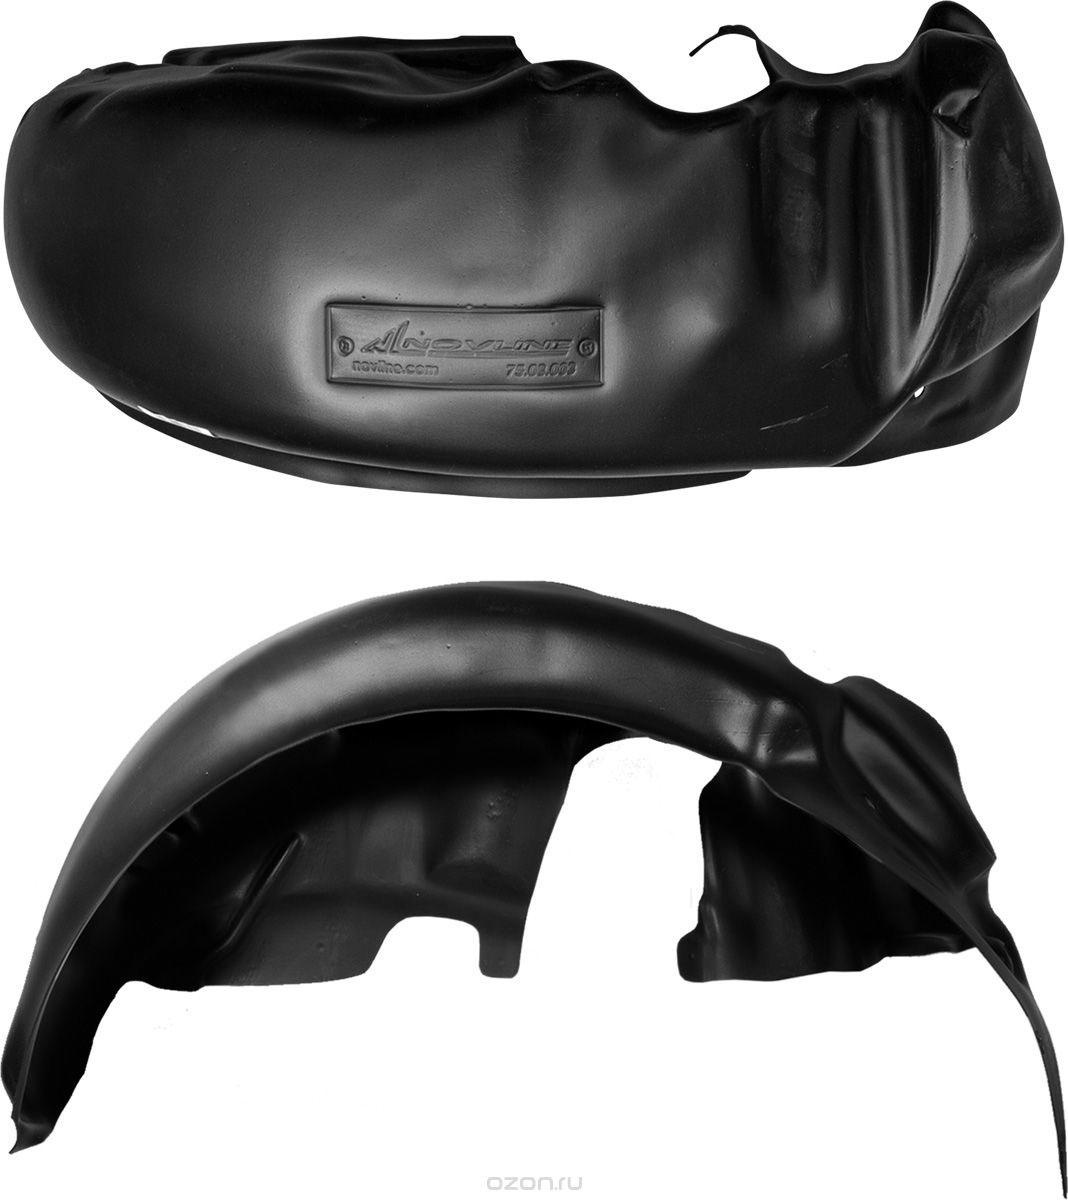 Подкрылок Novline-Autofamily, для PEUGEOT Boxer /CITROEN Jumper, задний правый с расширителями арок, 2006->NLL.38.19.004Идеальная защита колесной ниши. Локеры разработаны с применением цифровых технологий, гарантируют максимальную повторяемость поверхности арки. Изделия устанавливаются без нарушения лакокрасочного покрытия автомобиля, каждый подкрылок комплектуется крепежом. Уважаемые клиенты, обращаем ваше внимание, что фотографии на подкрылки универсальные и не отражают реальную форму изделия. При этом само изделие идет точно под размер указанного автомобиля.